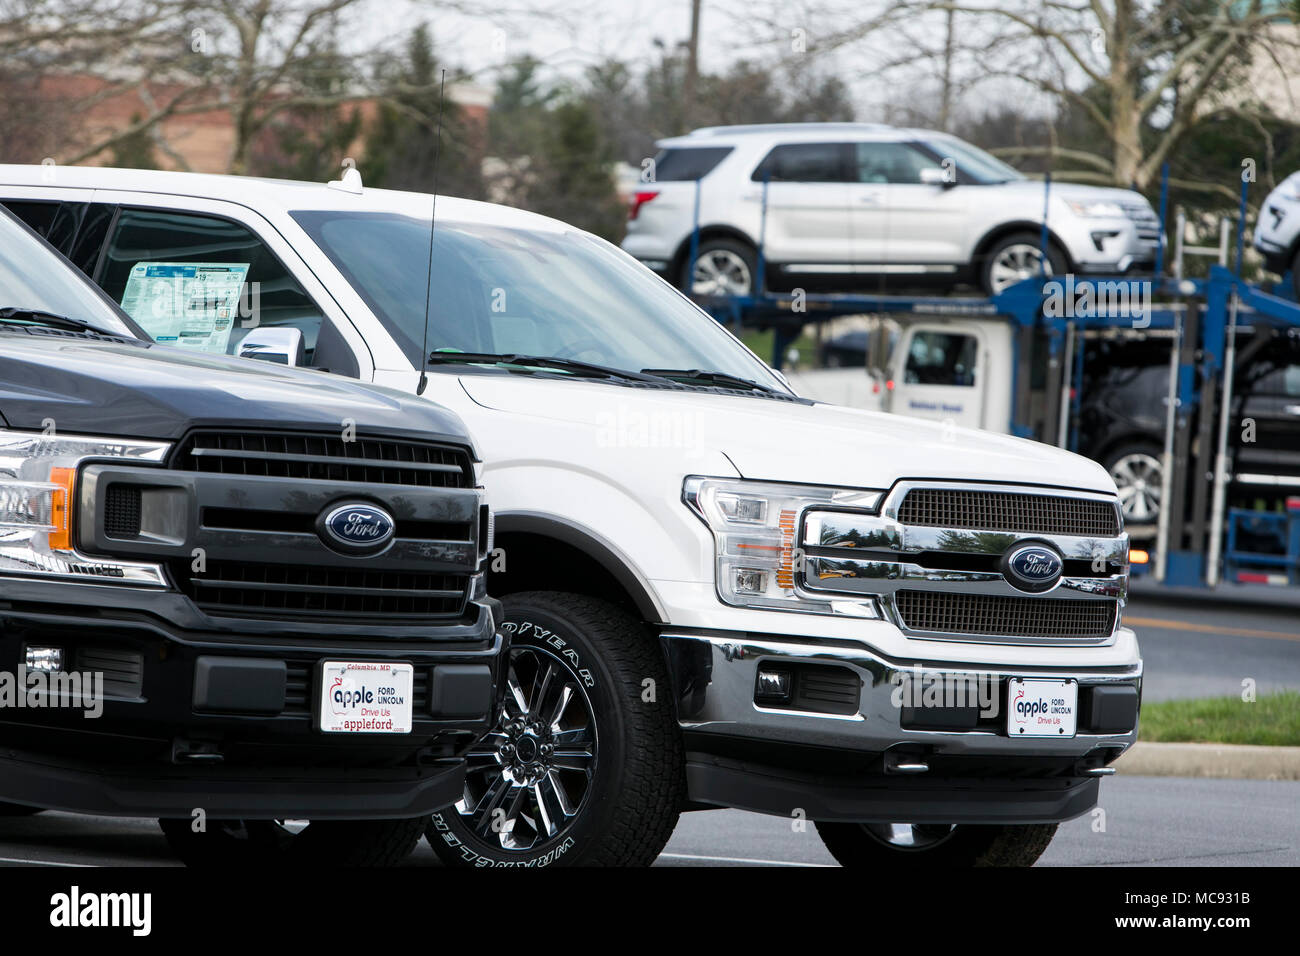 Una fila de nuevo Ford F-series camionetas pick-up y SUV'S Explorer en un concesionario de coches en Columbia, Maryland, el 13 de abril de 2018. Imagen De Stock